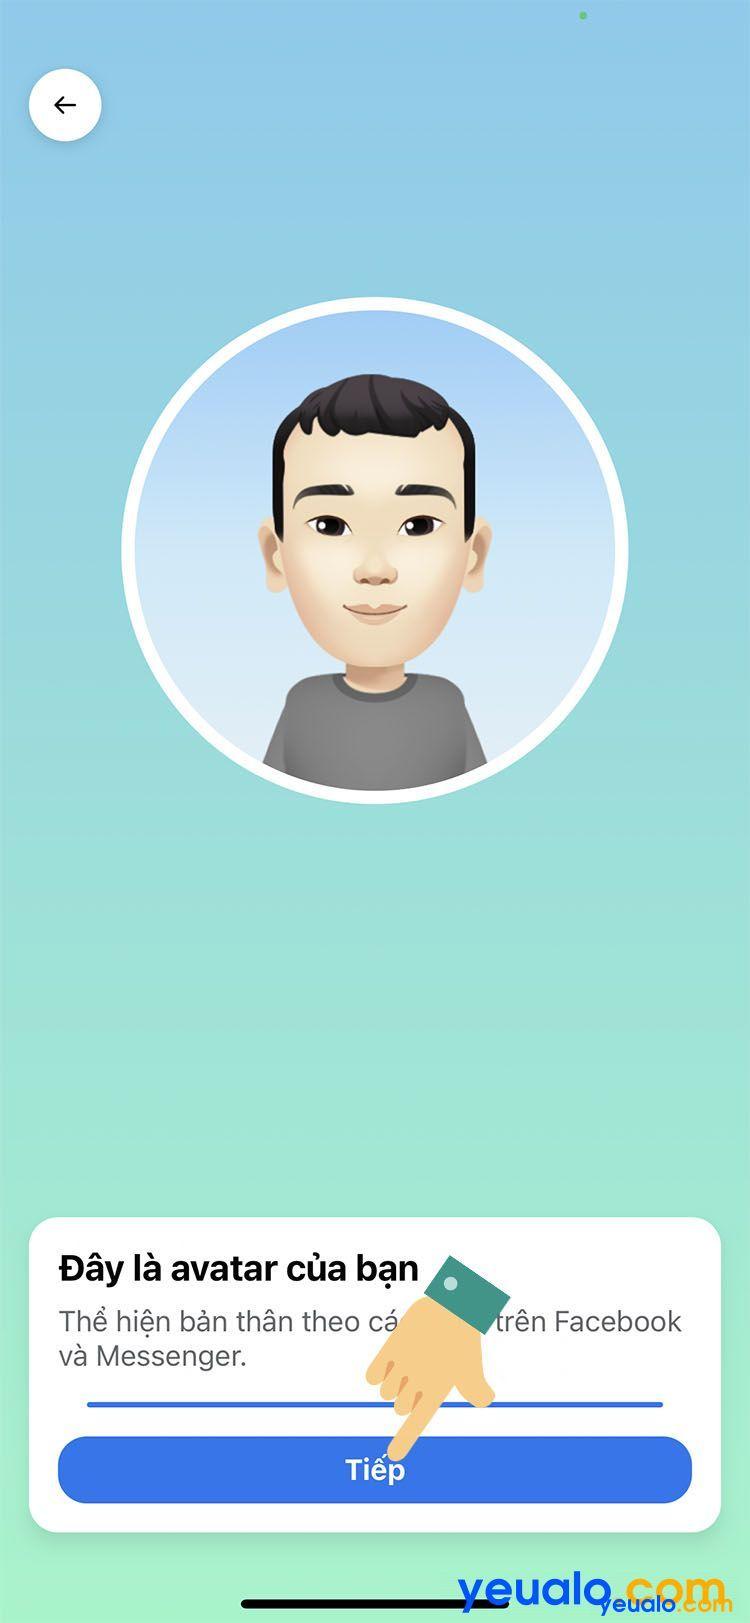 Cách làm avatar nhãn dán hoạt hình giống mình trên Facebook Messenger 7